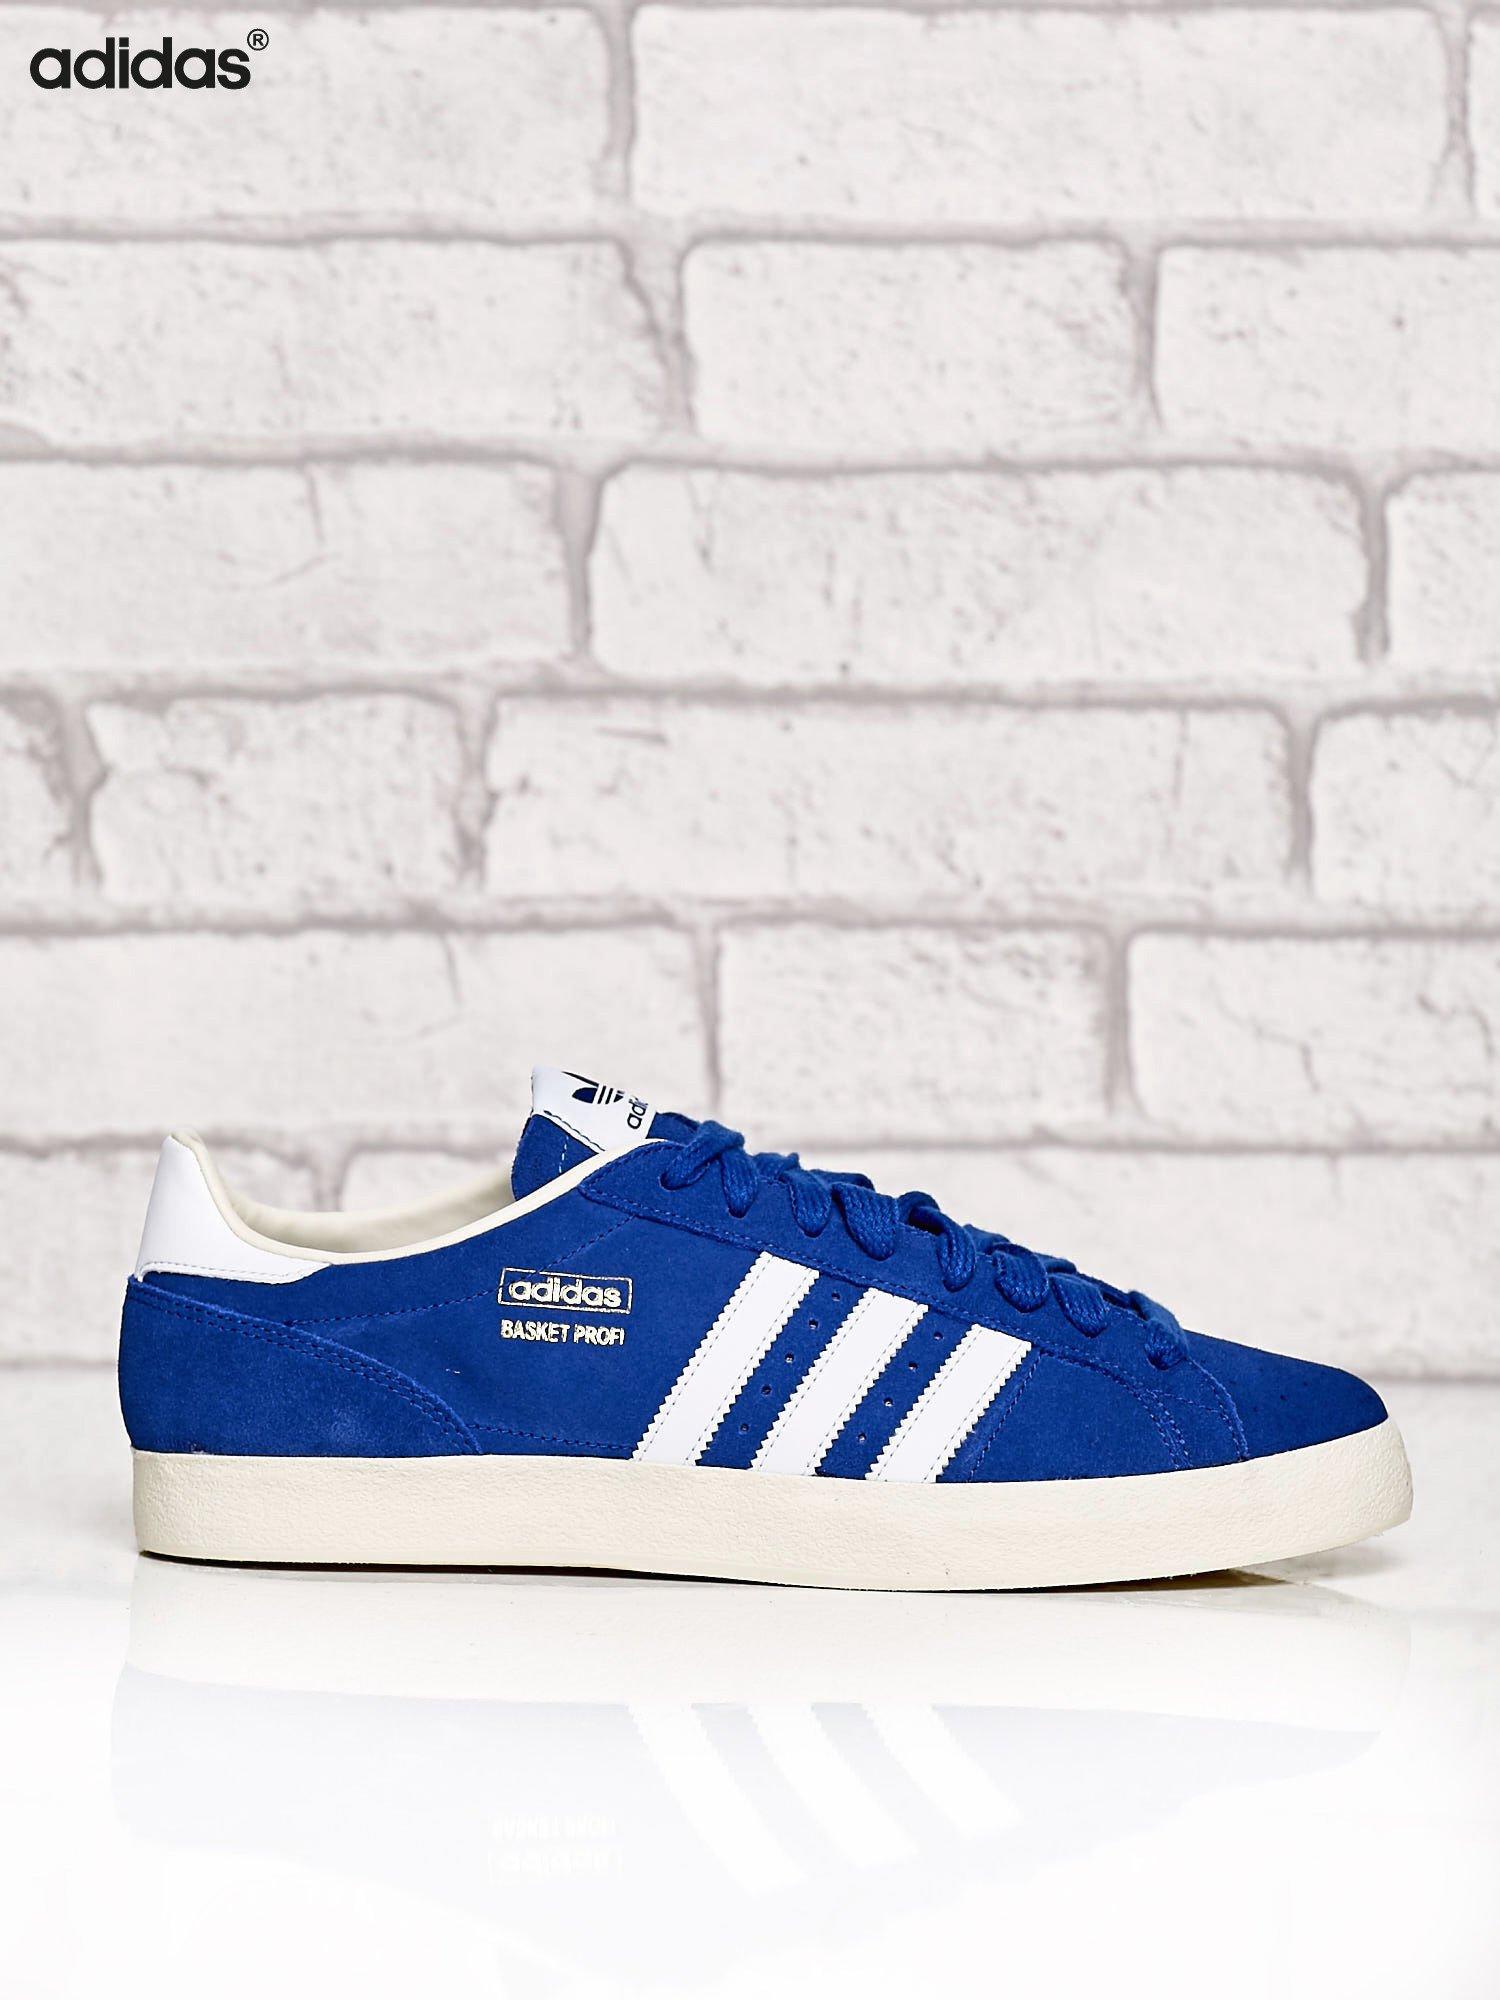 f21057be ADIDAS niebieskie buty męskie Basket Profi Low sportowe przed kostkę ...